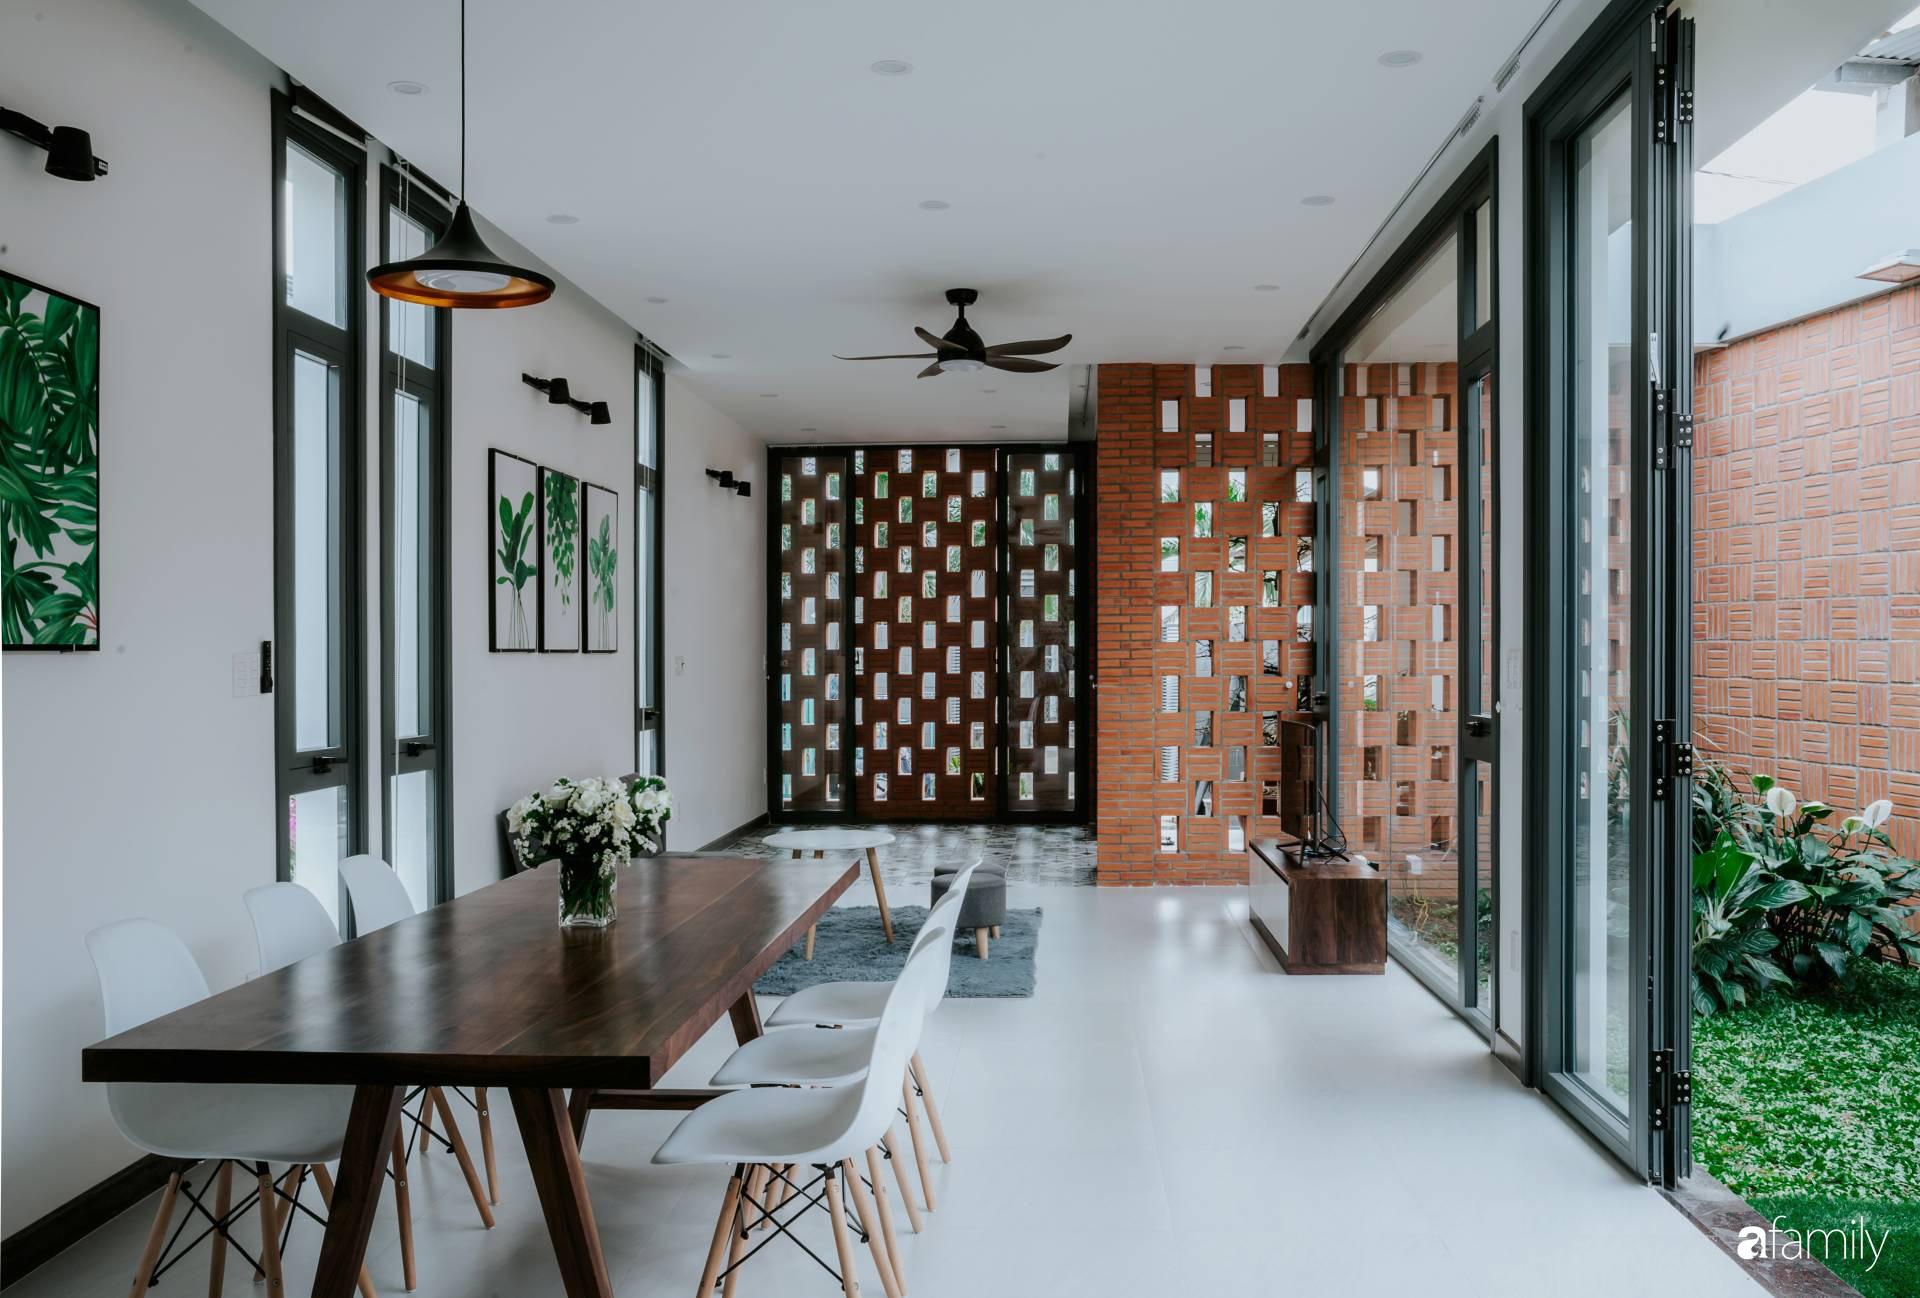 Nhà cấp 4 đẹp như resort 5 sao của đôi vợ chồng trẻ cùng hai cậu con trai nhỏ ở ngoại ô thành phố Biên Hòa, Đồng Nai - Ảnh 5.